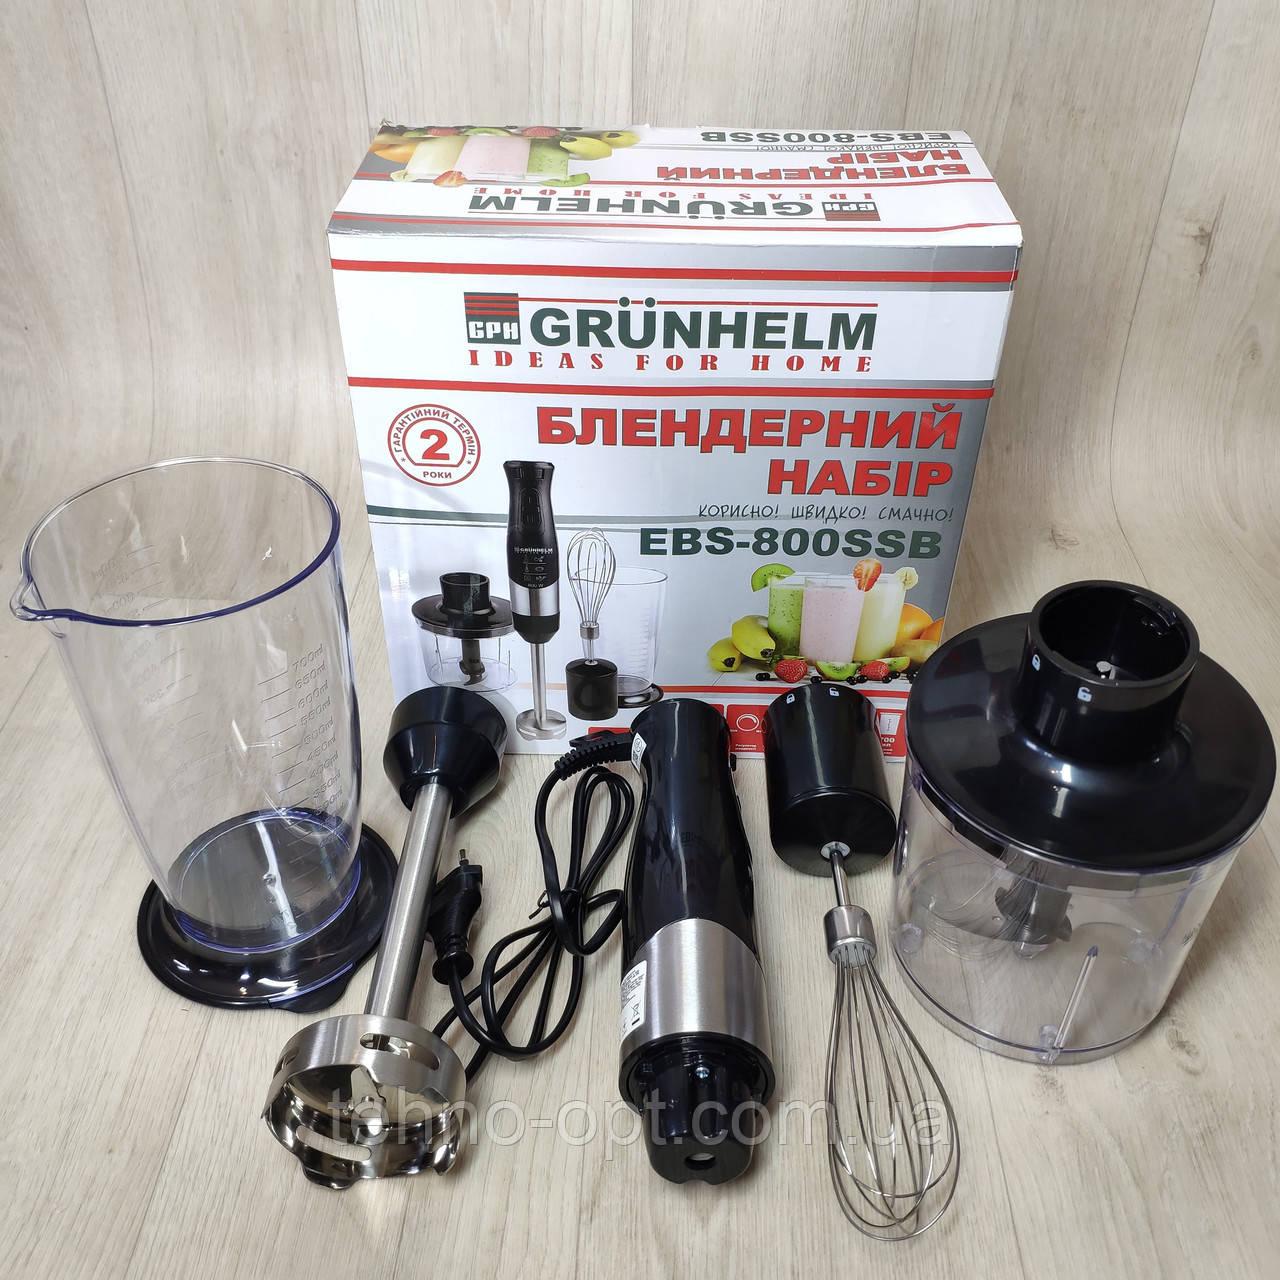 Погружной блендер Grunhelm 800 Вт